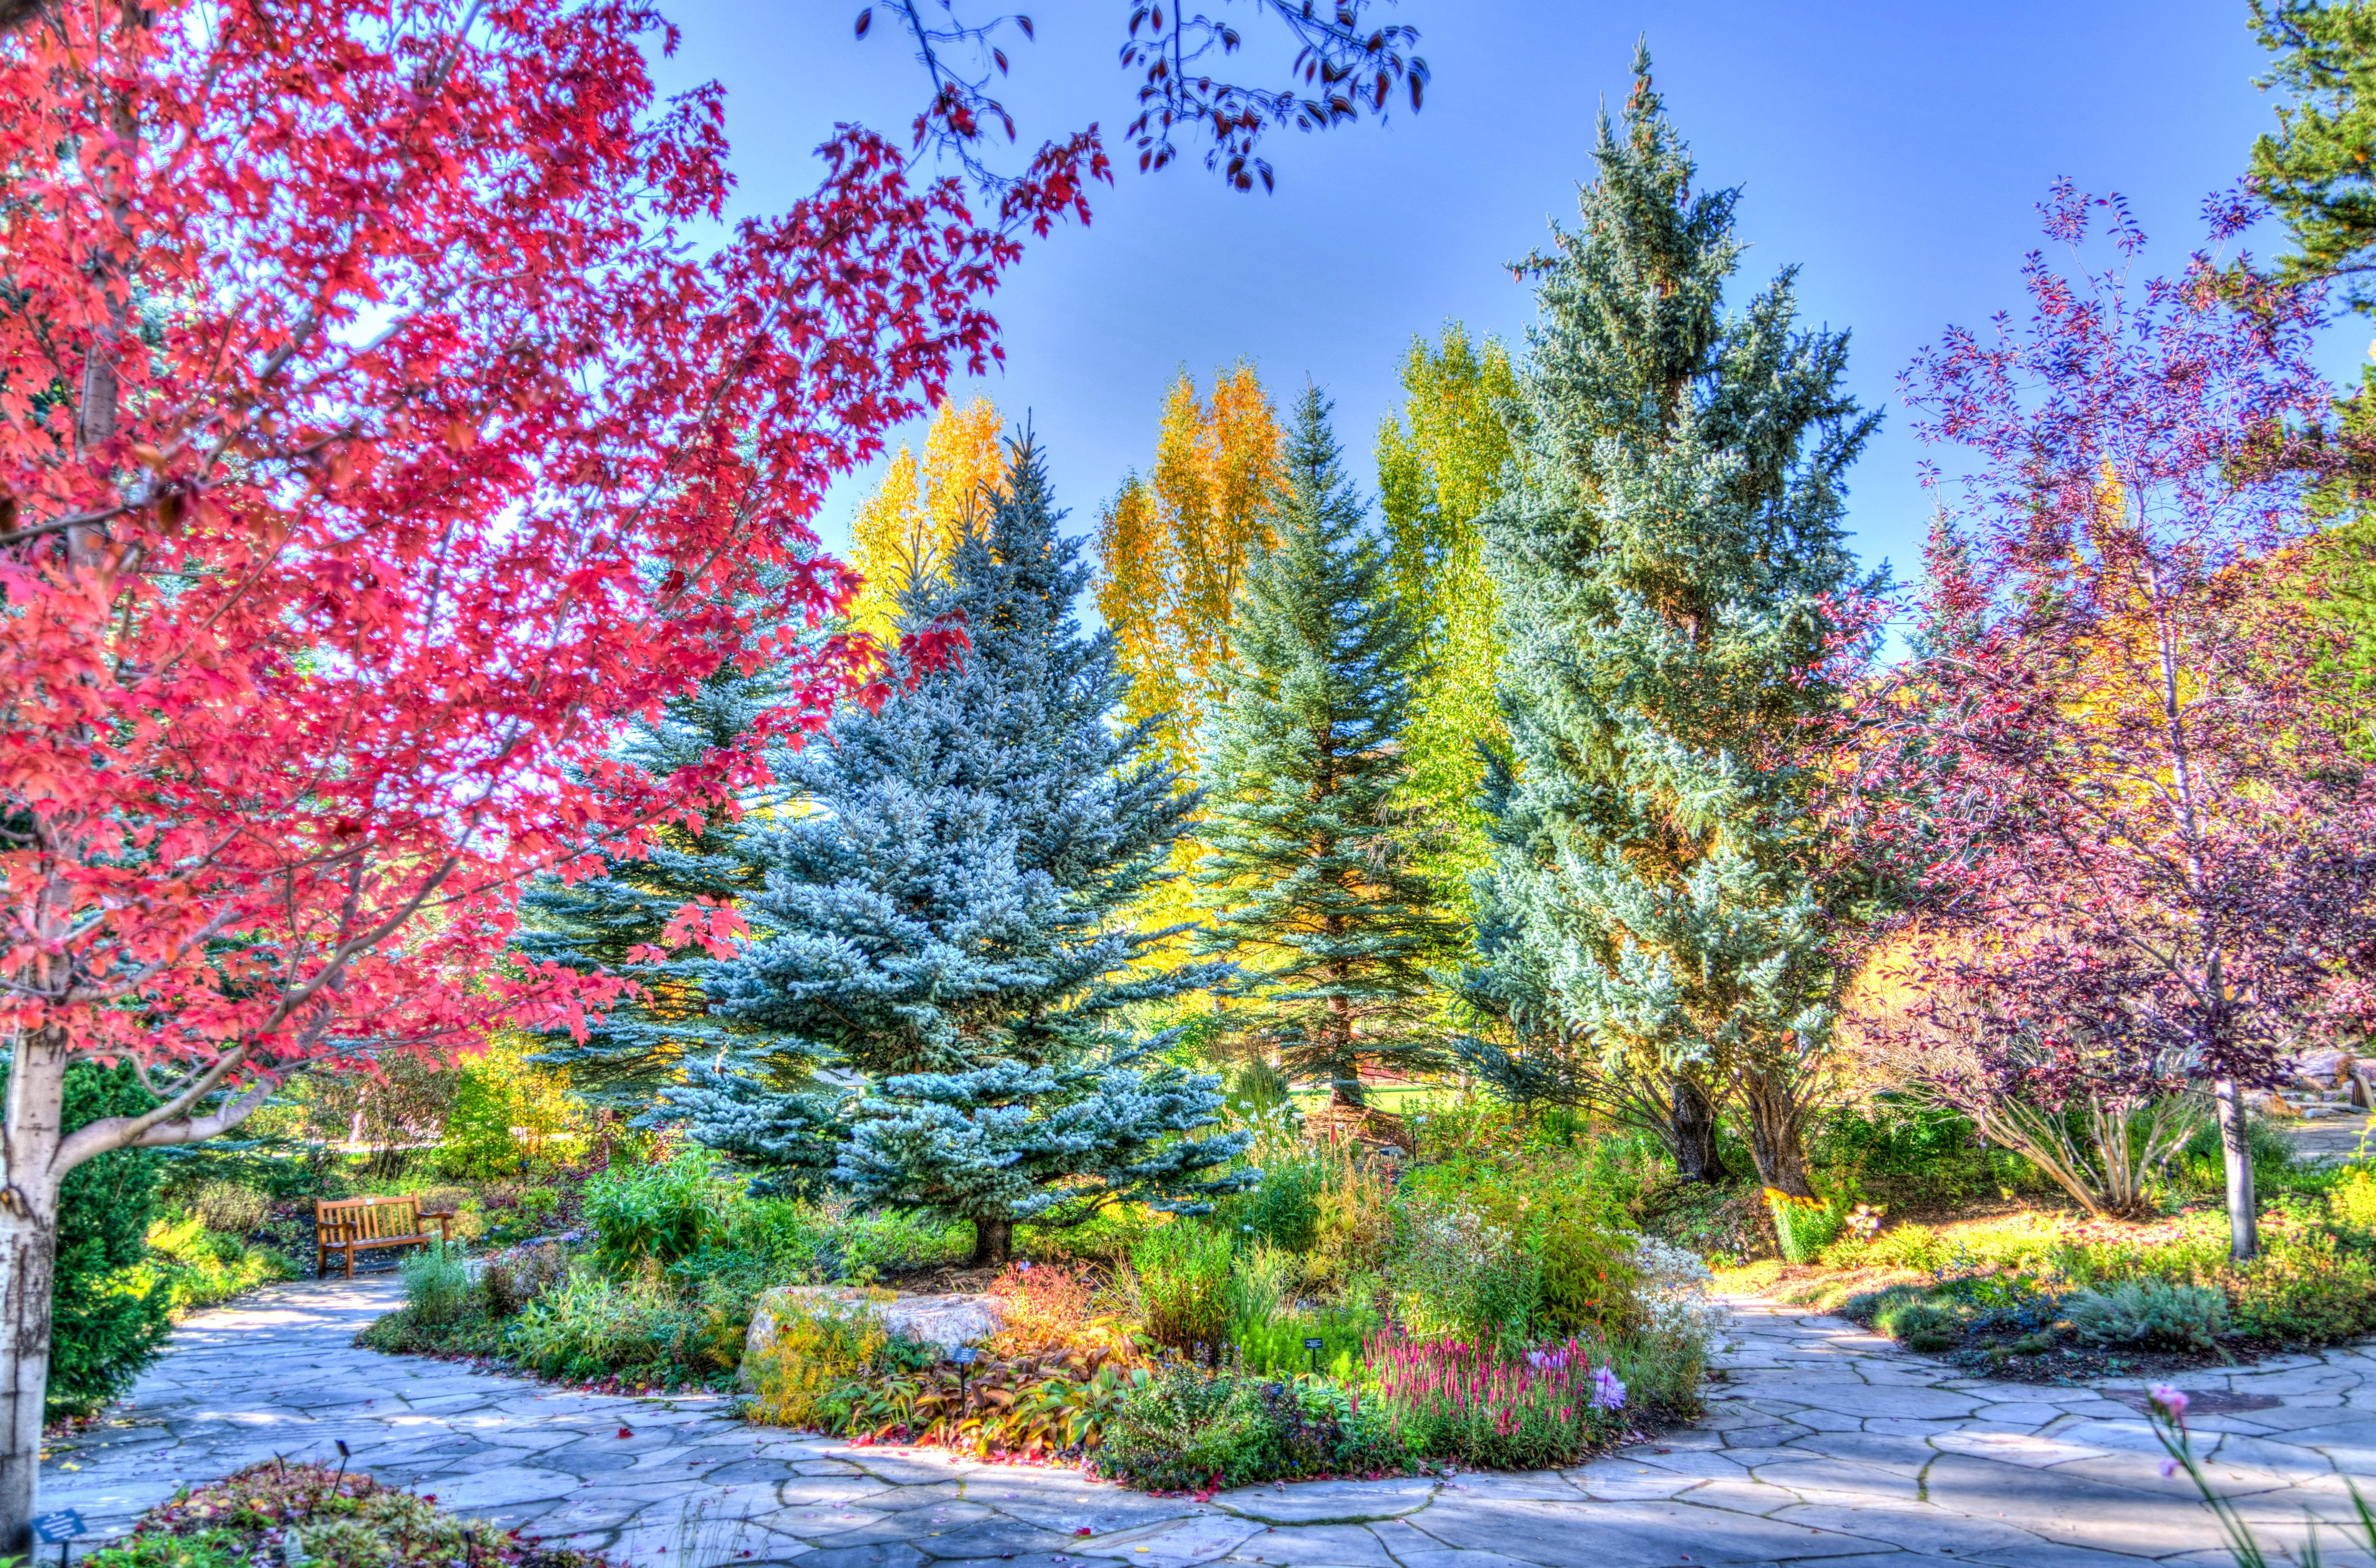 133580 fond d'écran 1080x1920 sur votre téléphone gratuitement, téléchargez des images Nature, Le Parc, Parc, Hdr, Colorado, Weile, Vejle 1080x1920 sur votre mobile